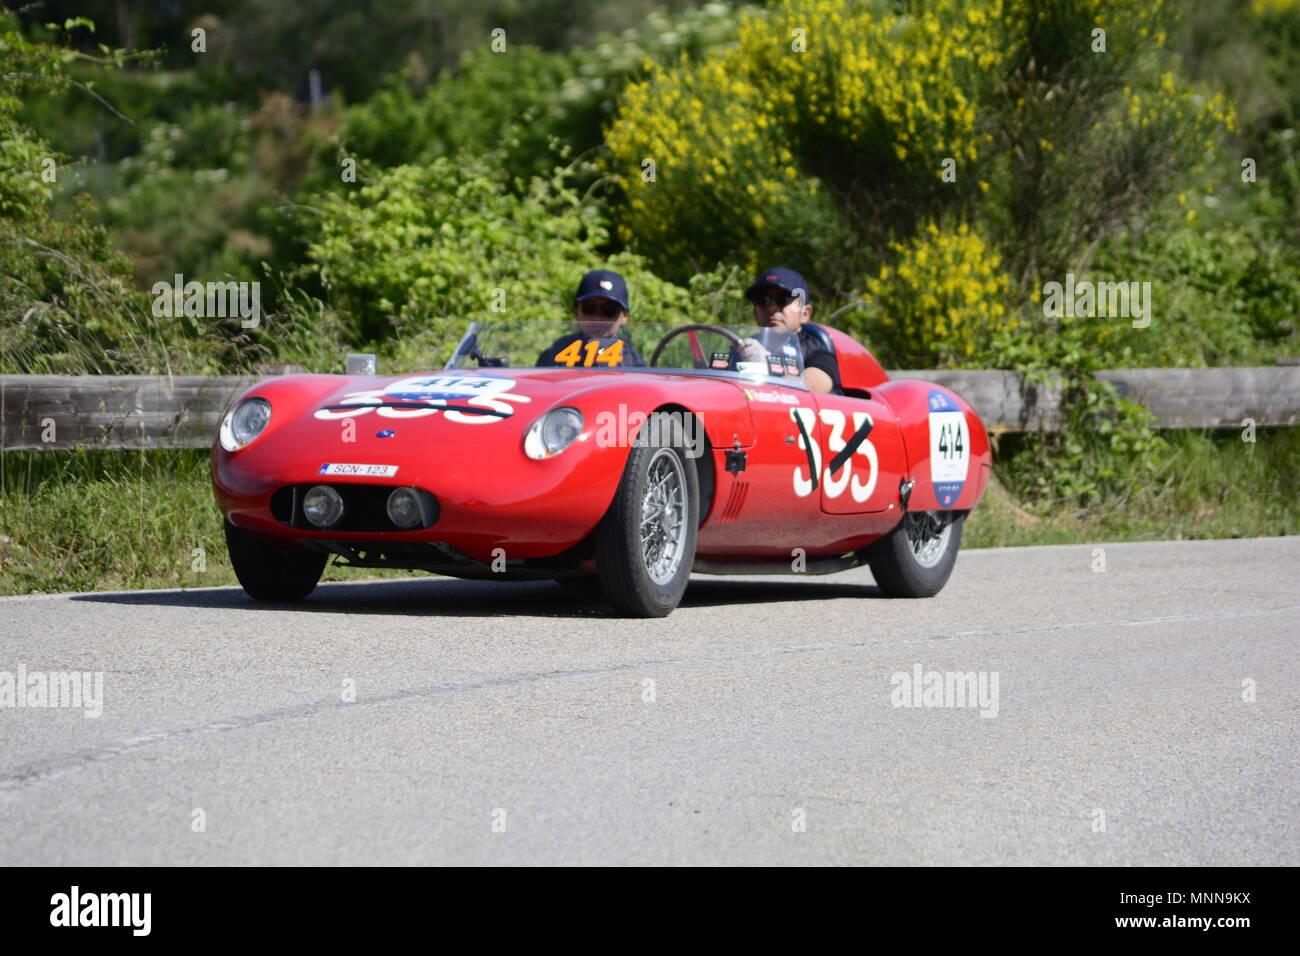 PESARO SAN BARTOLO, Italien, 17. Mai - 2018: O.S.C.A. MT4 1450 2AD 1955 auf einem alten Rennwagen Rallye Mille Miglia 2018 die berühmten italienischen histo Stockfoto